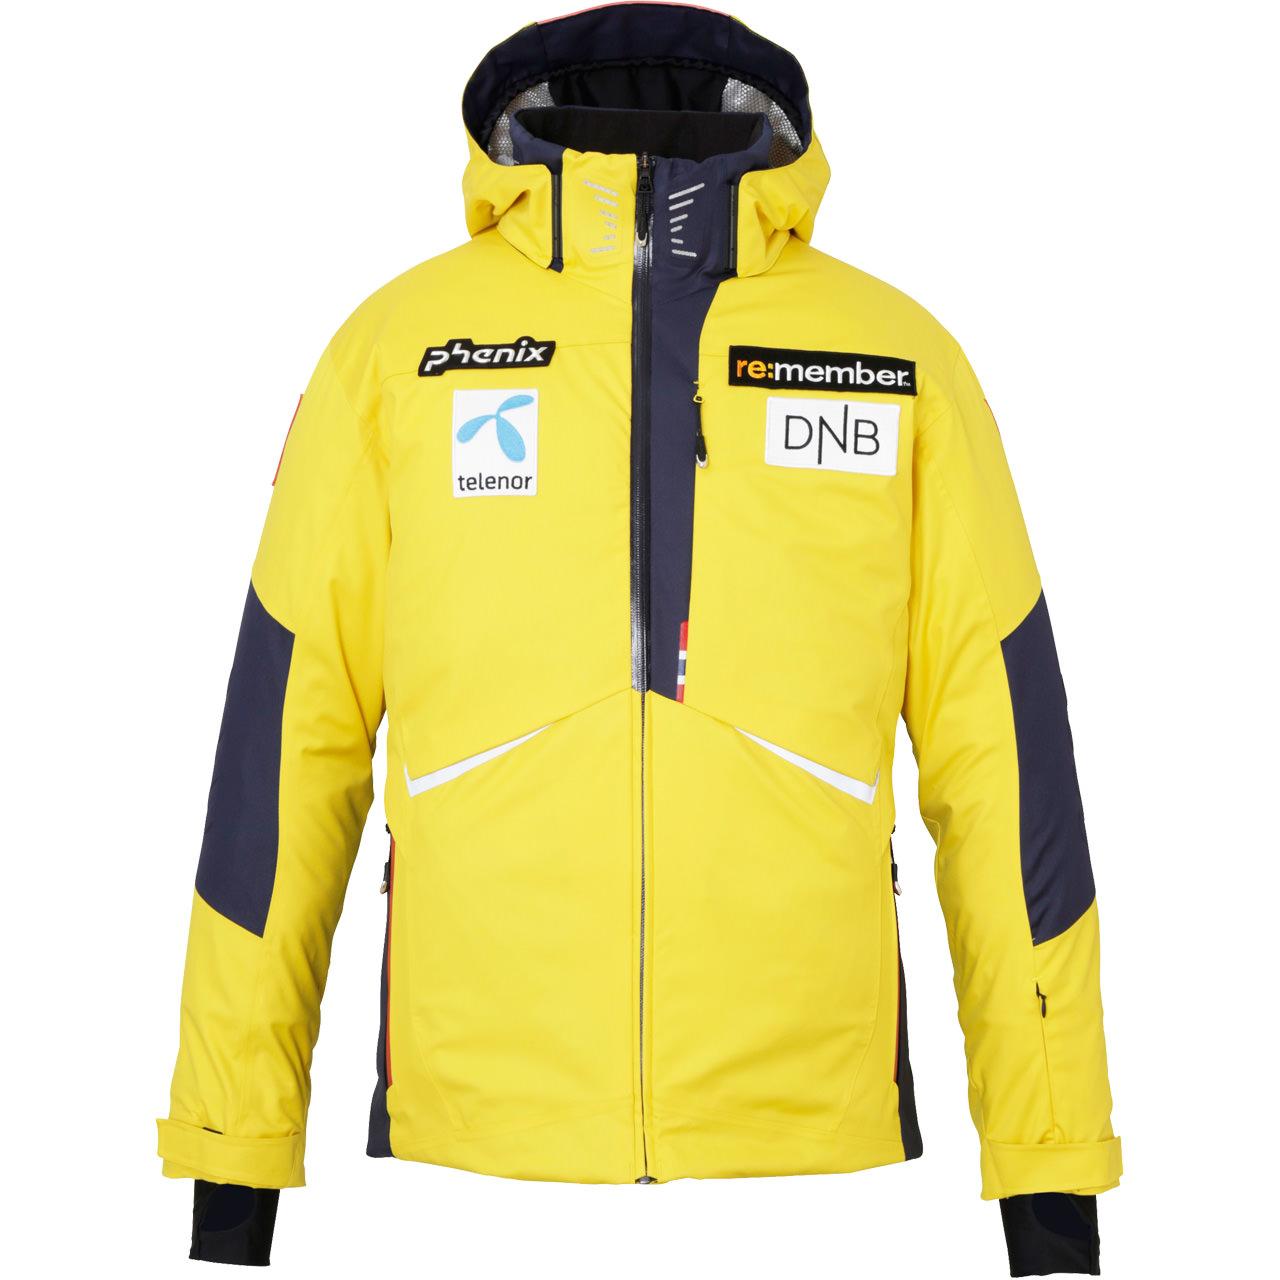 Phenix Men Jacket NORWAY ALPINE TEAM golden yellow